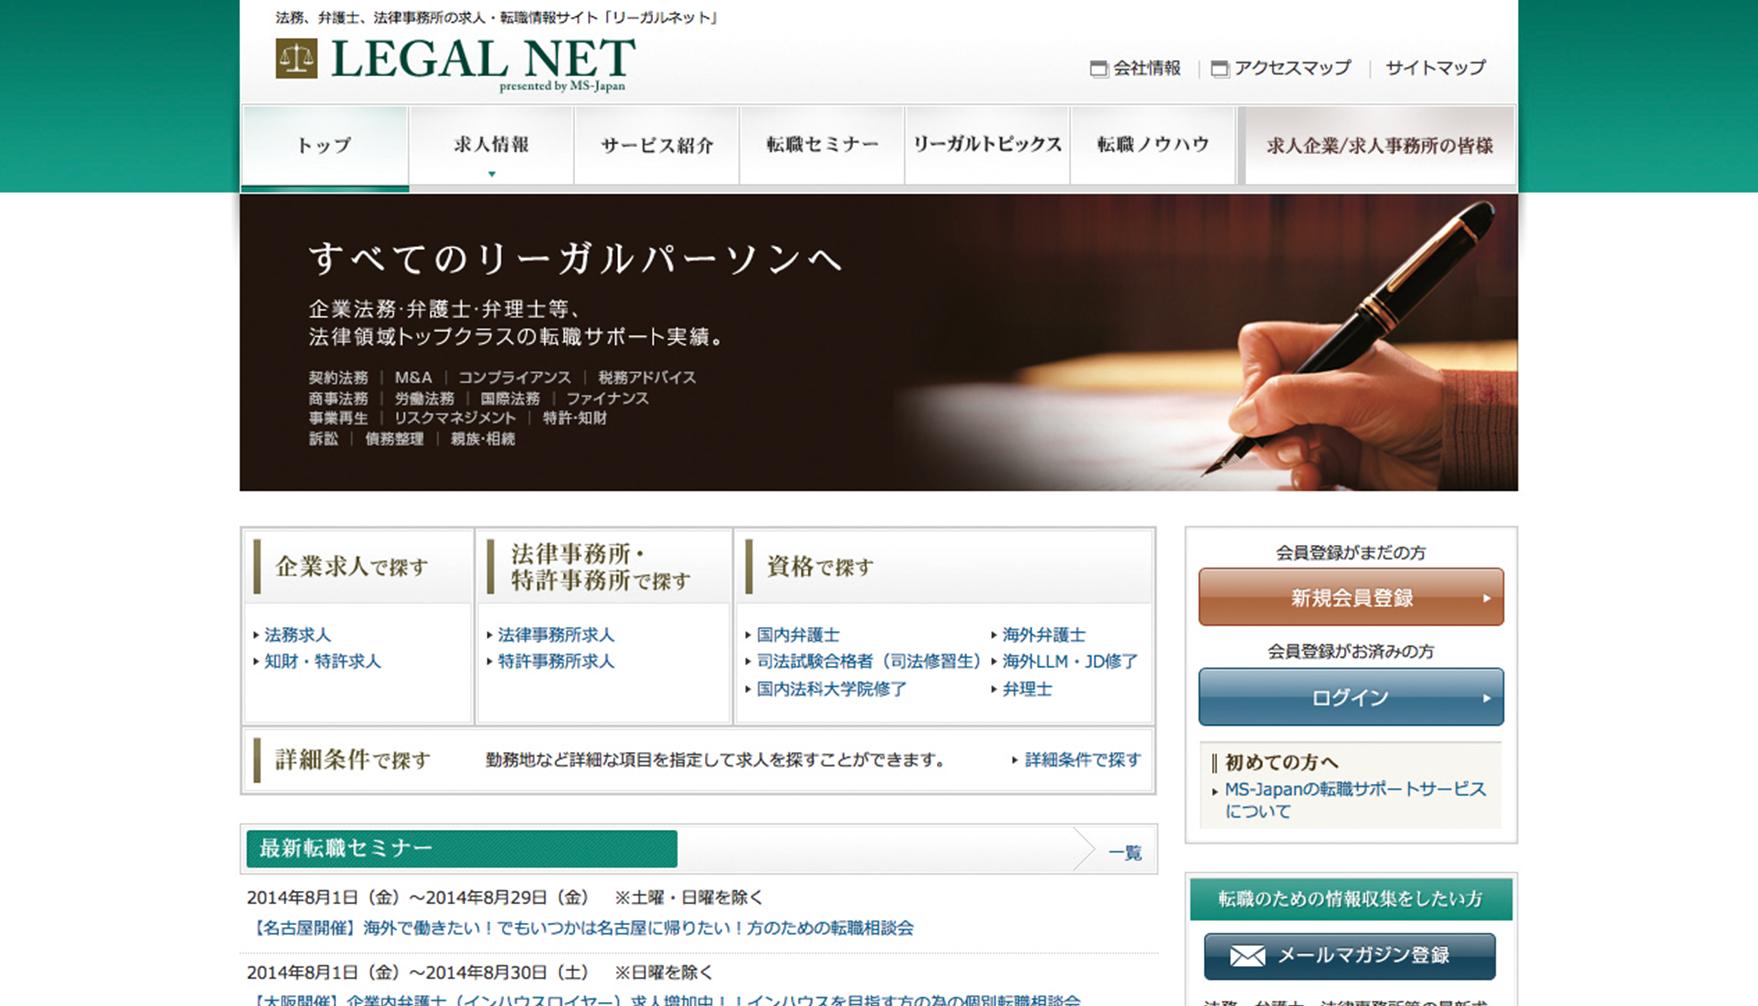 株式会社MS-Japan コーポレートサイト プレビュー